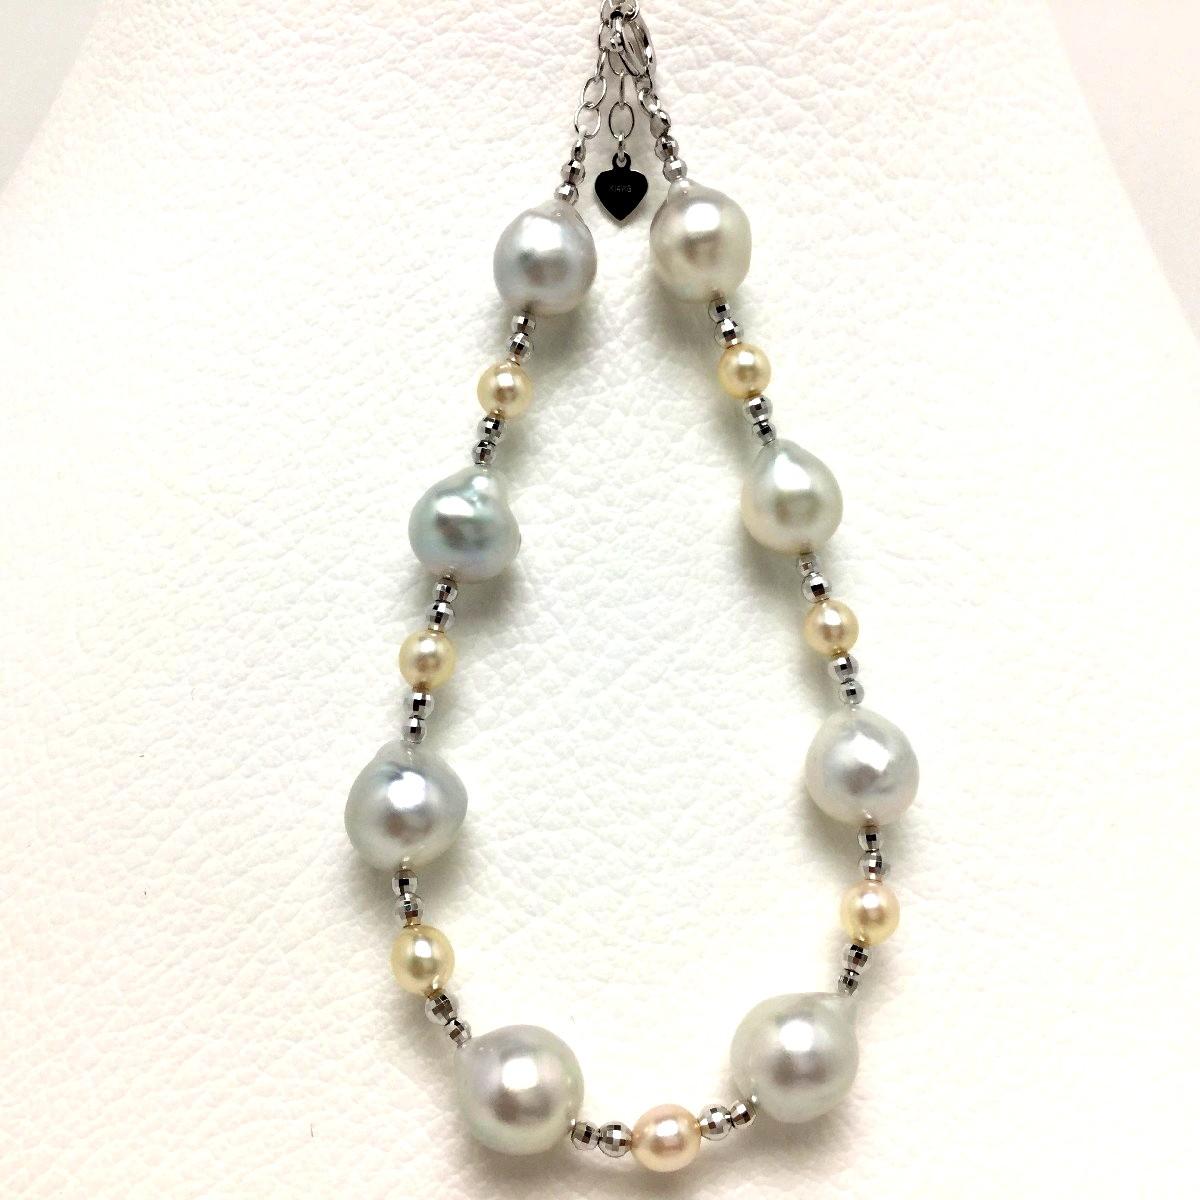 真珠 ブレスレット パール アコヤ真珠 7.5-8.5mm 4.0-4,5mm マルチカラー シルバー アジャスター 66618 イソワパール